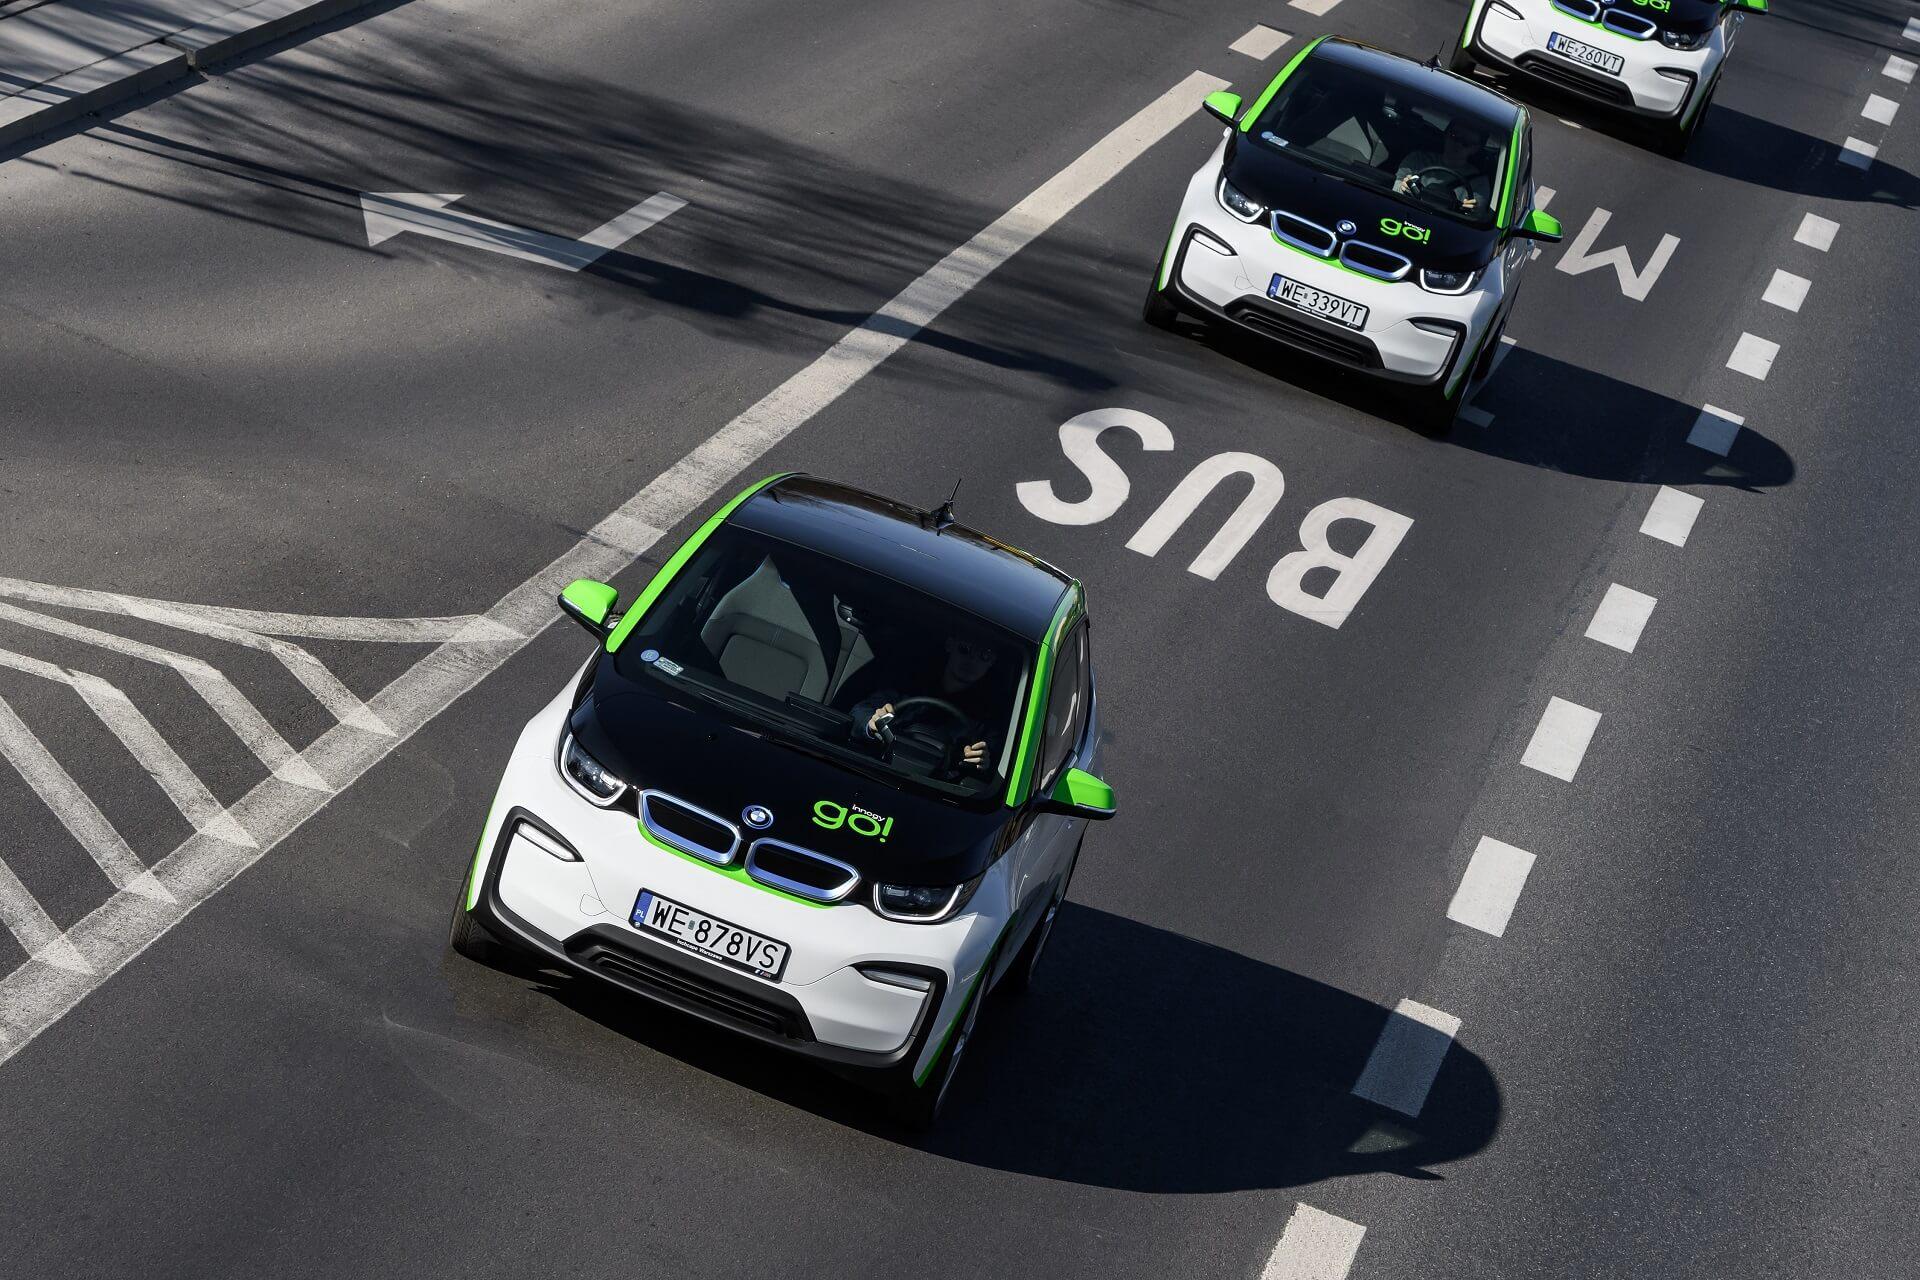 На электромобилях доступна возможность пользоваться автобусными полосами ибесплатной парковкой